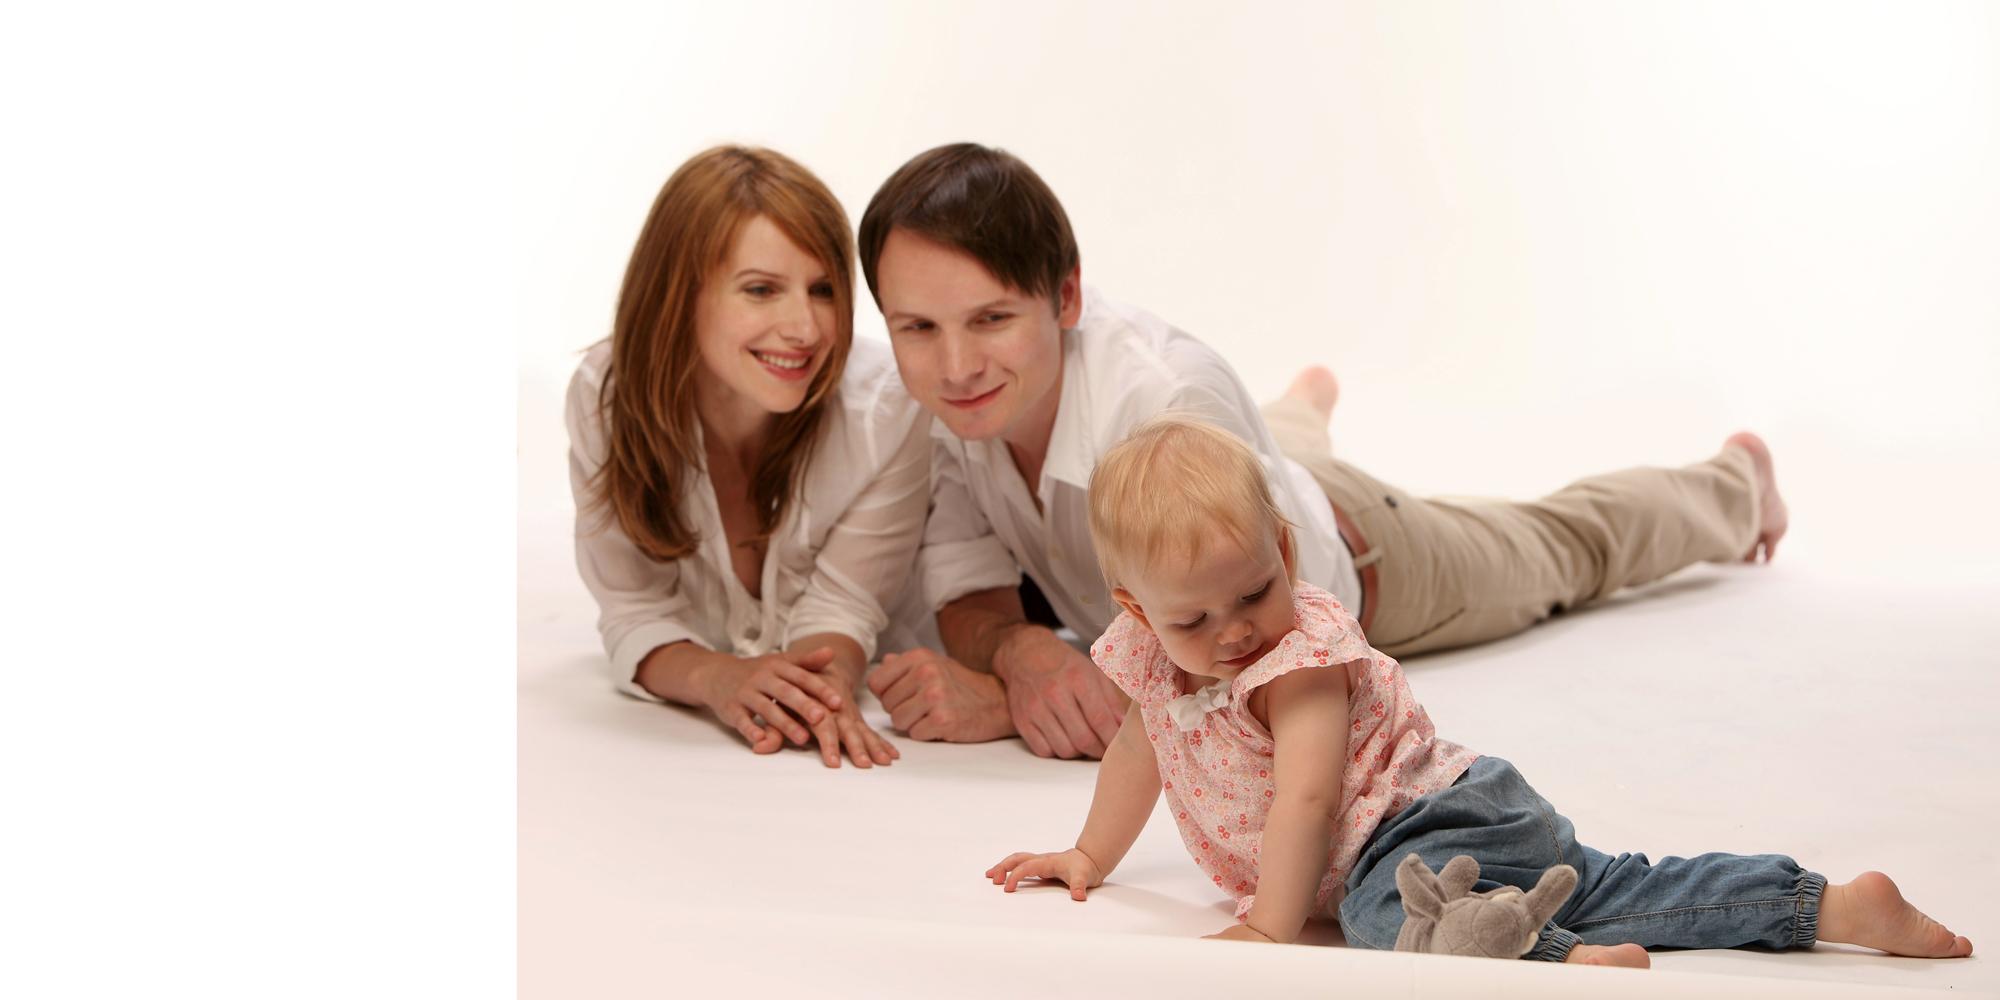 Familienfoto von einem Mann und einer rothaarigen Frau, die eng beieinander auf dem Boden liegen, ihre Arme vor sich abstützen und ein kleines, blondes Mädchen beobachten, das vor ihnen auf dem Boden sitzt und mit einem grauen Teddy spielt.